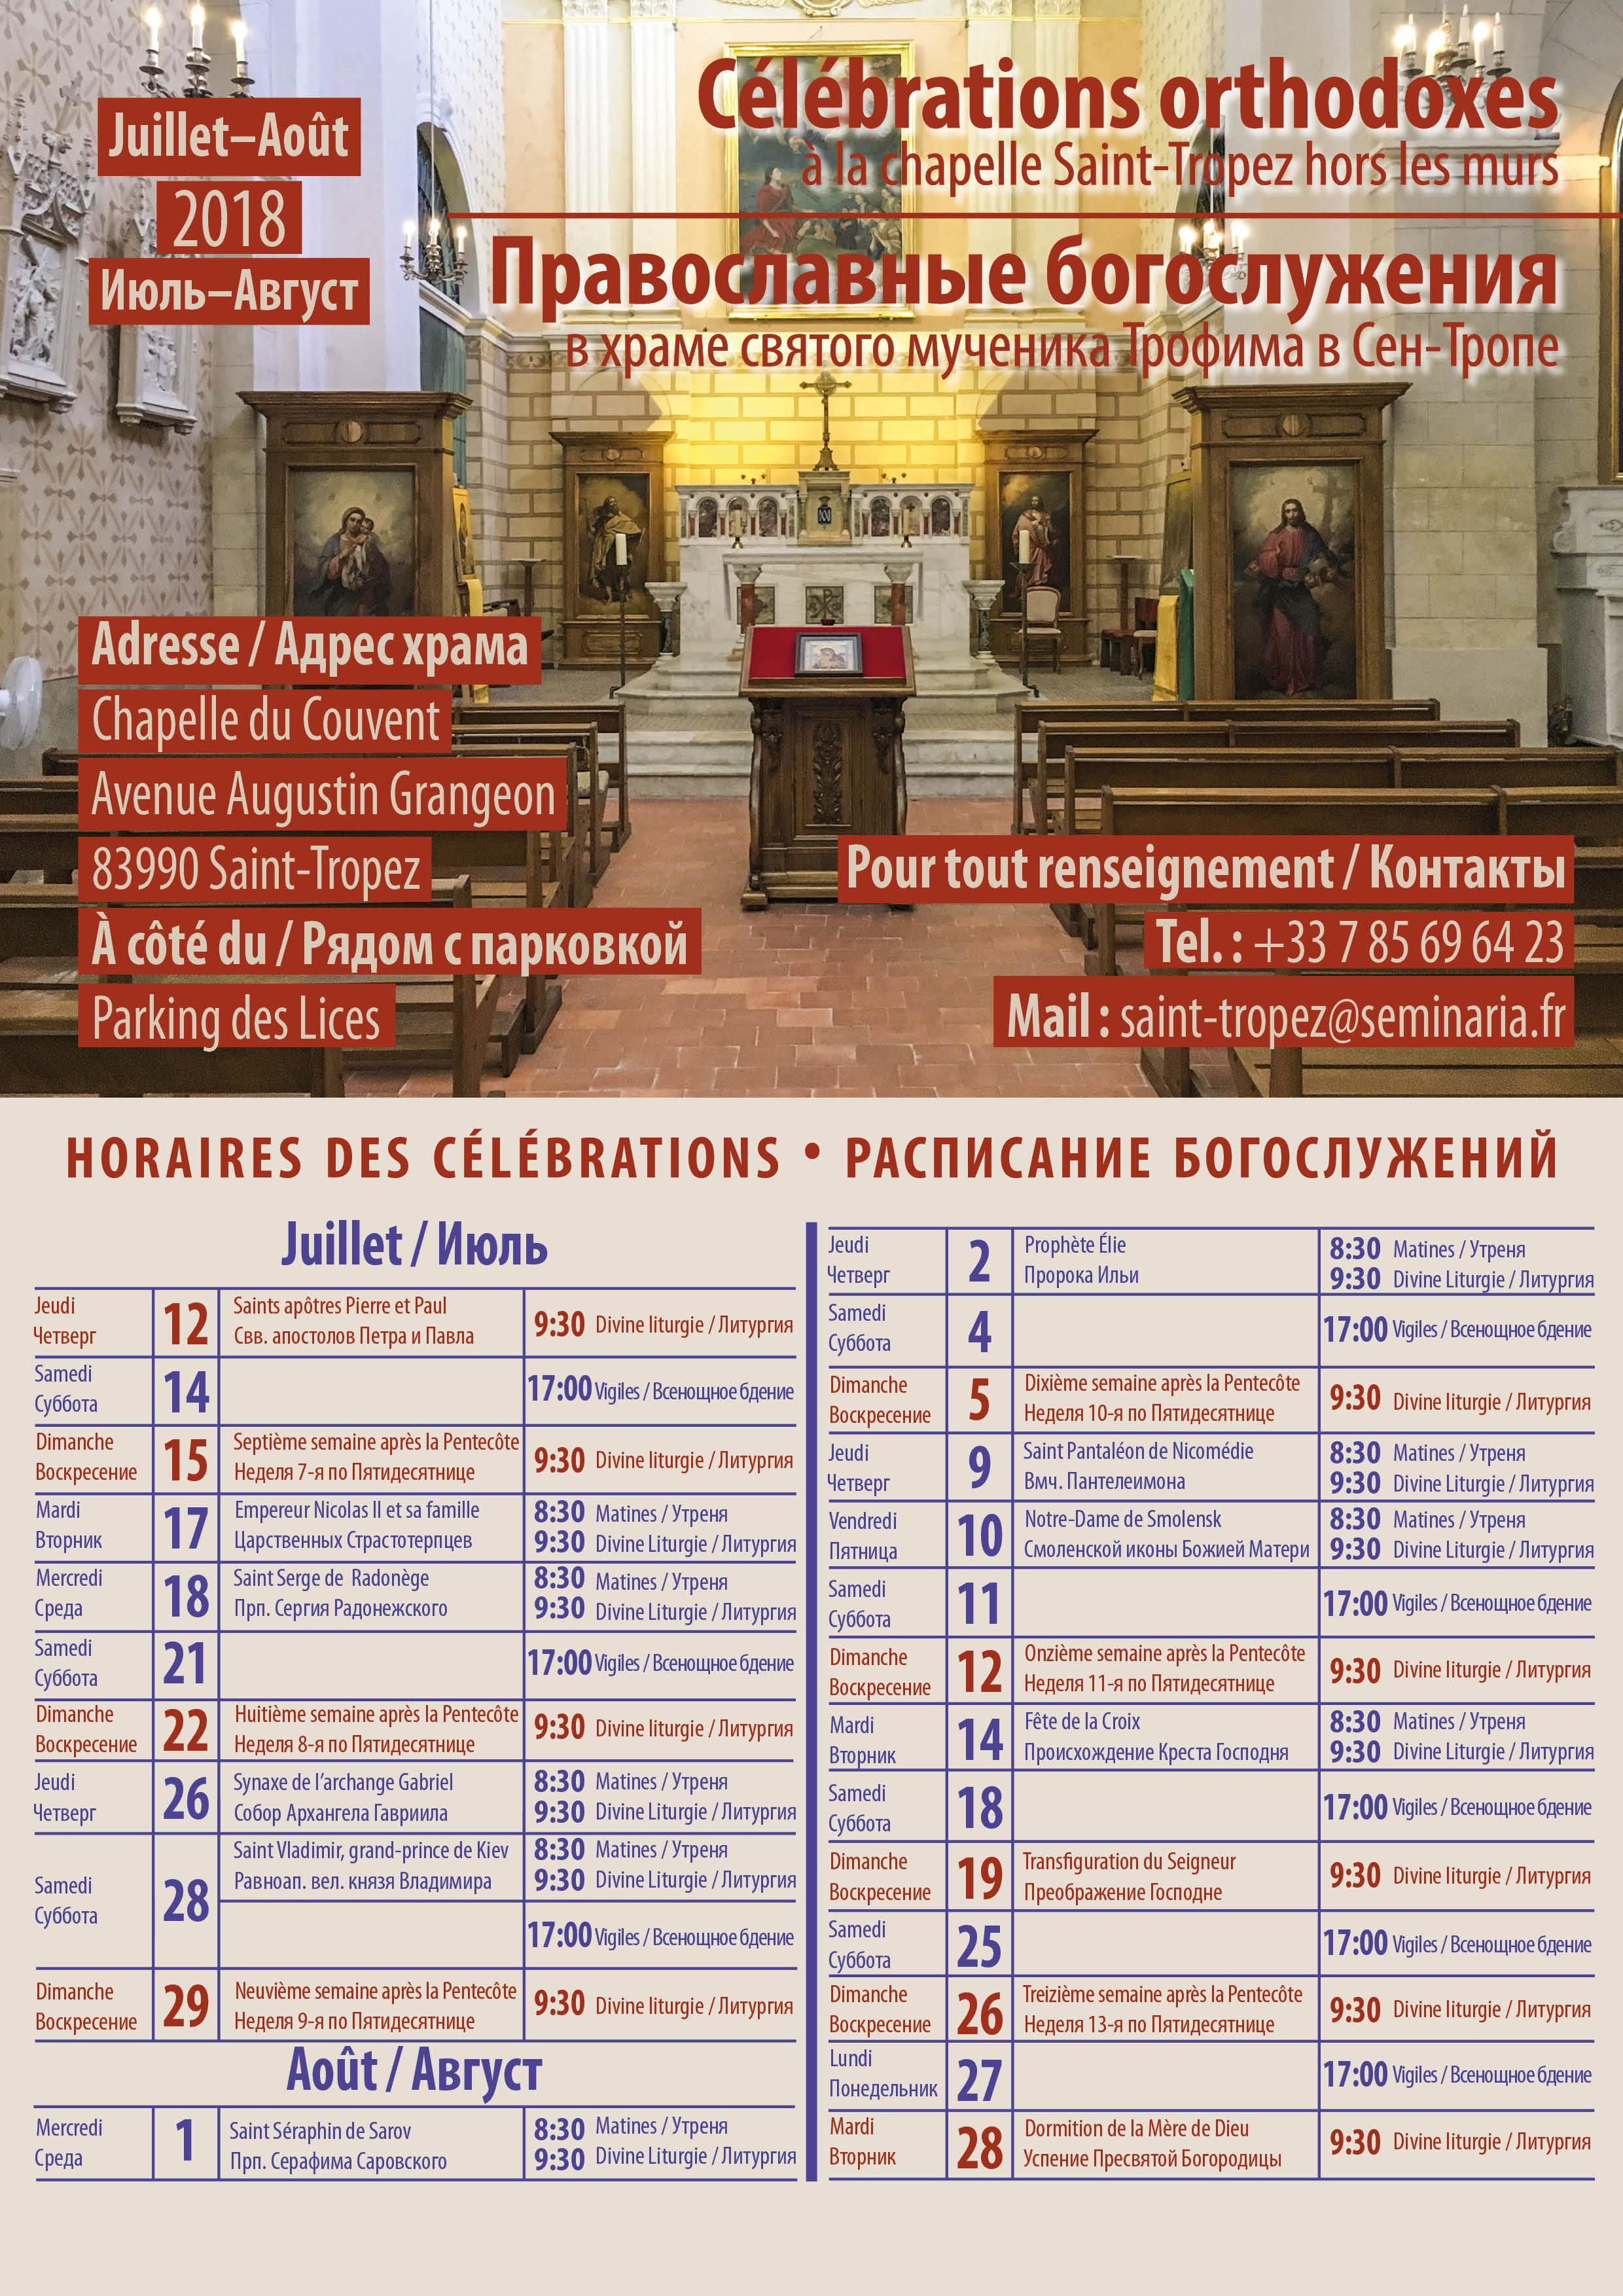 Horaires des célébrations orthodoxes à Saint-Tropez en été 2018